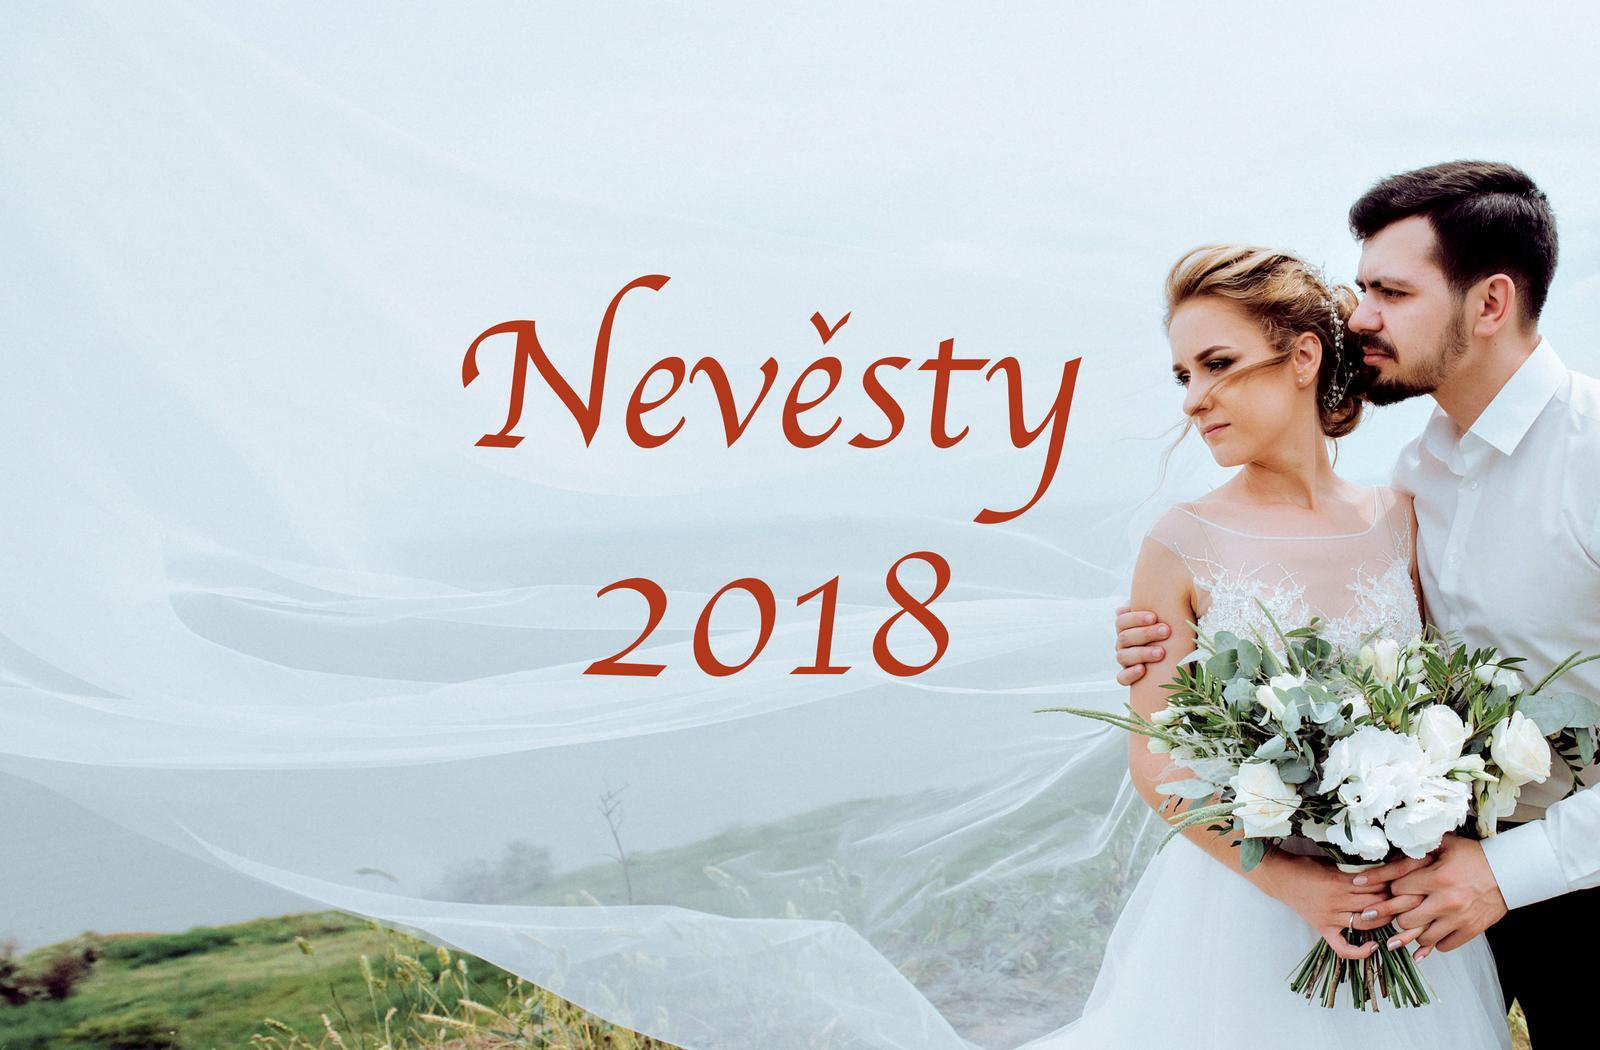 Nevěsty 2018, spojme se! - Fotografie skupiny